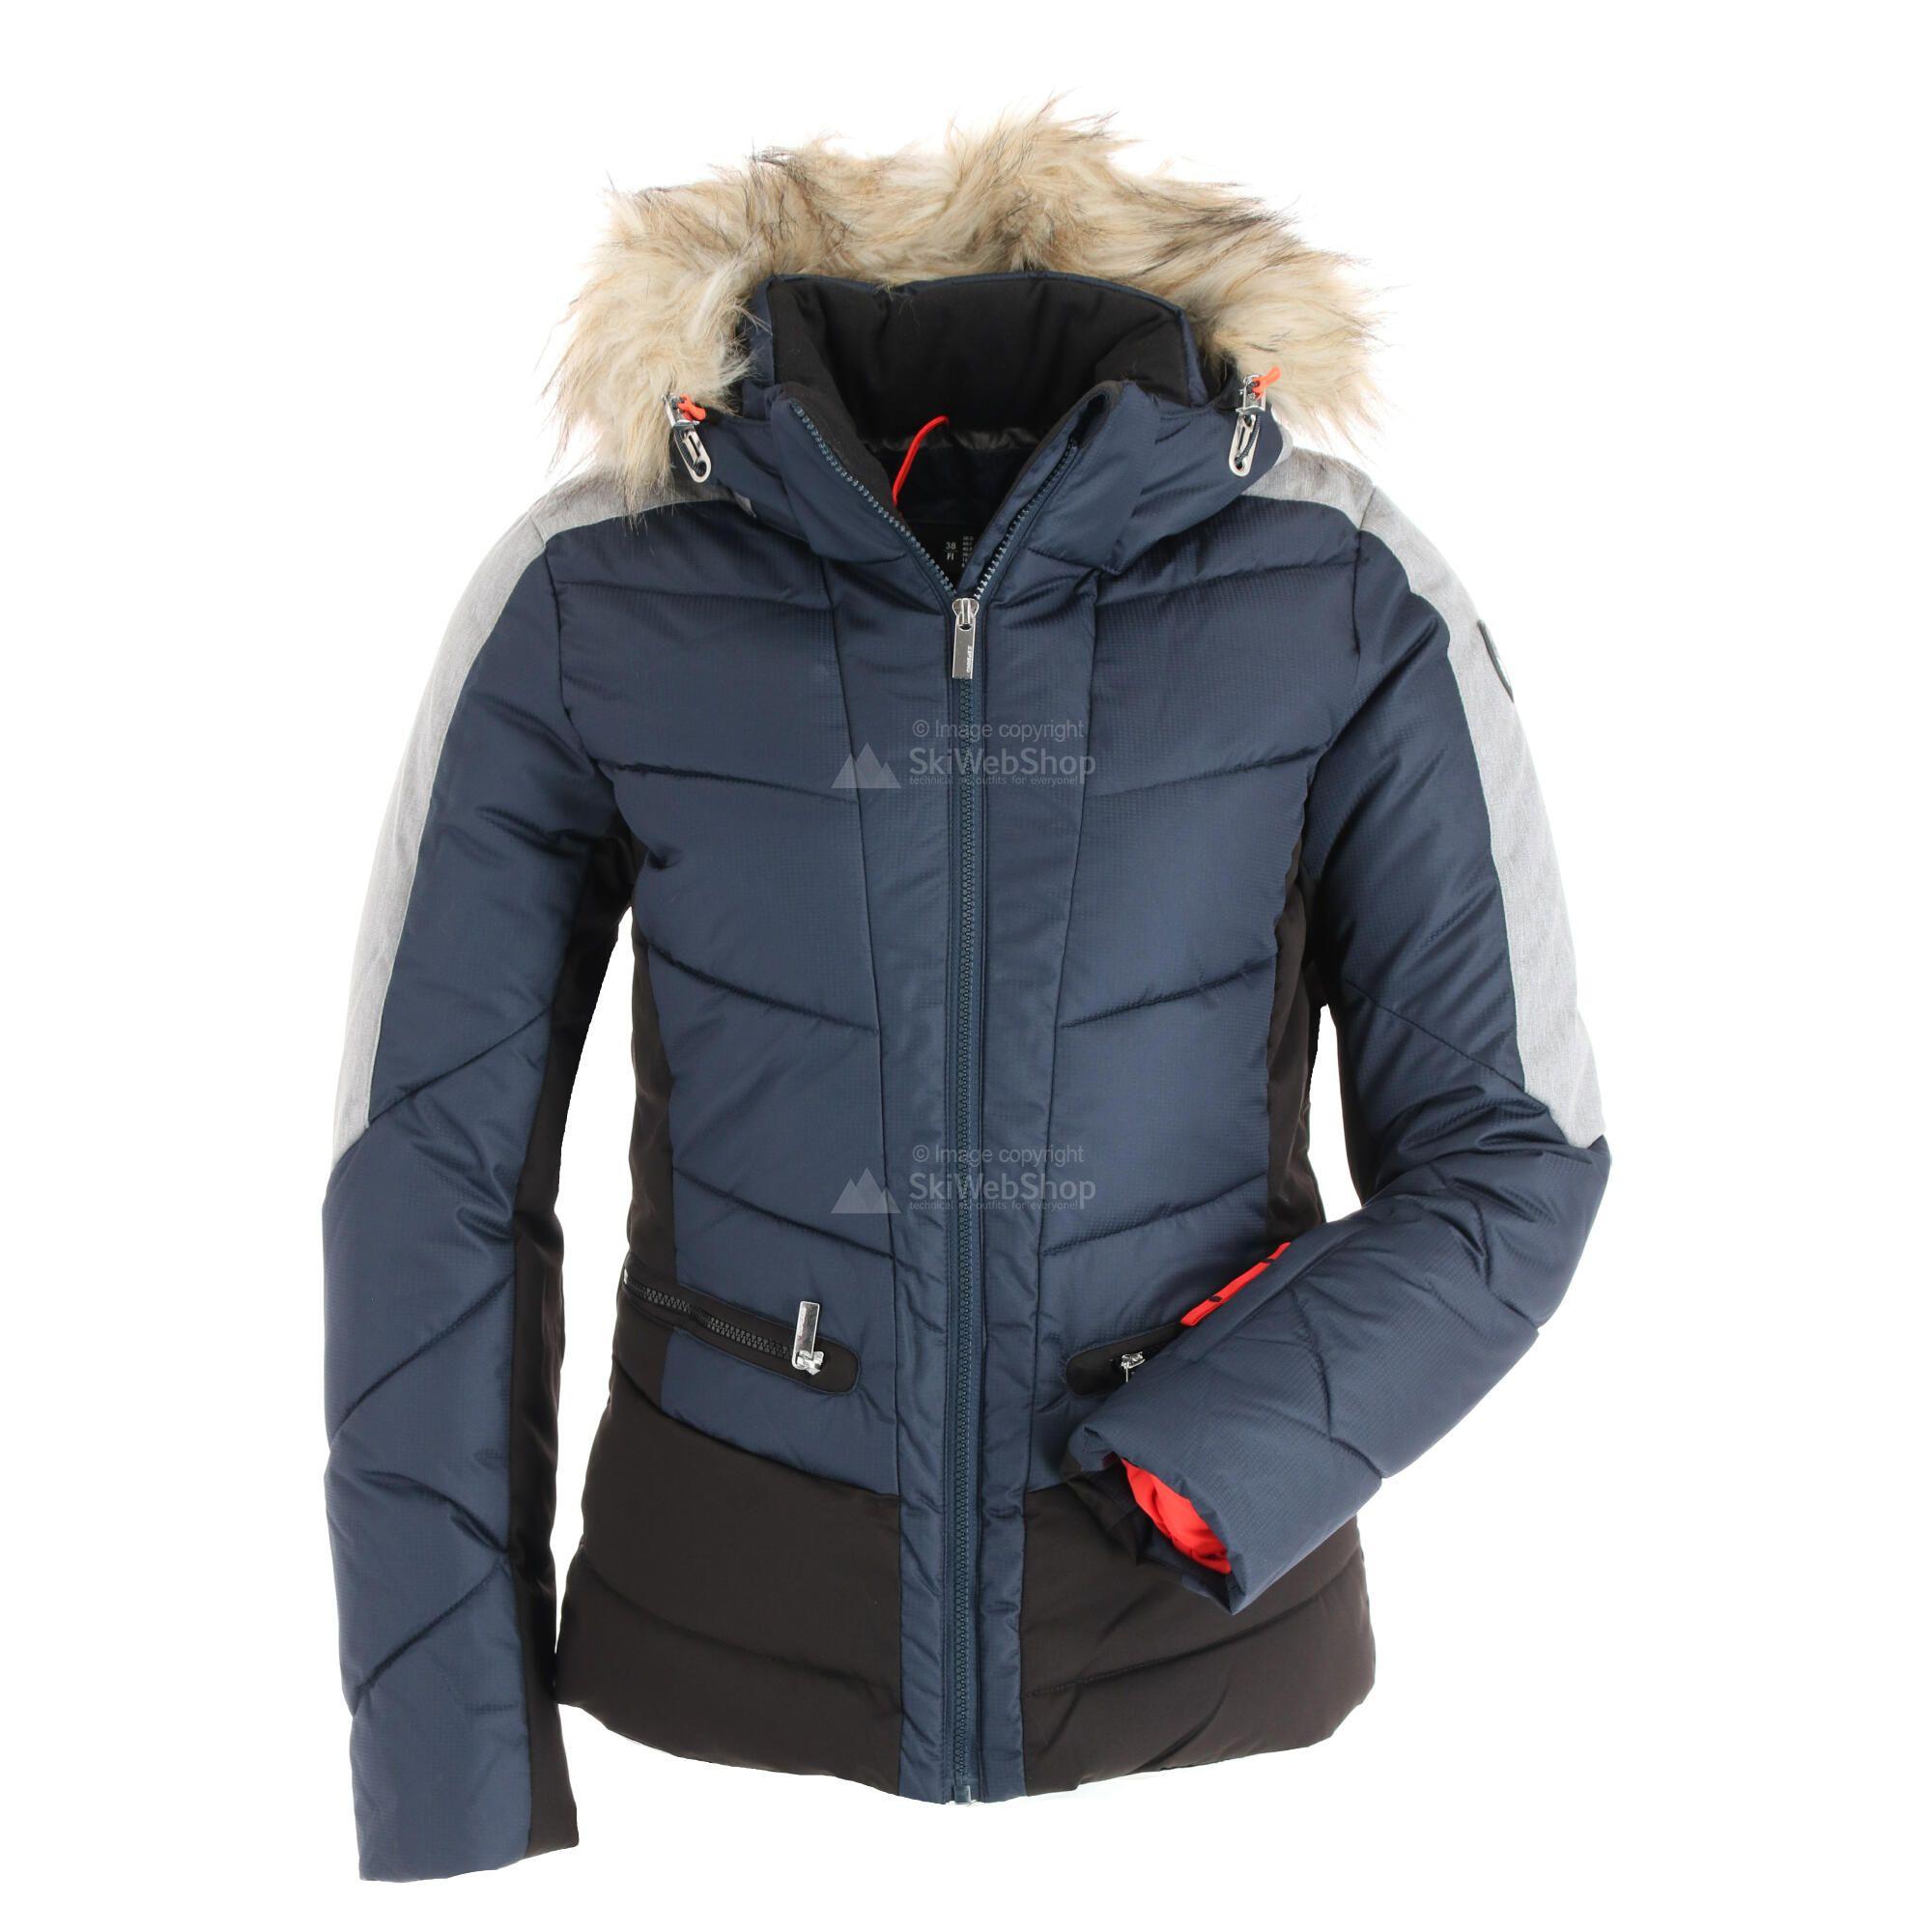 Icepeak, Electra, ski jas, dames, dark groen • SkiWebShop